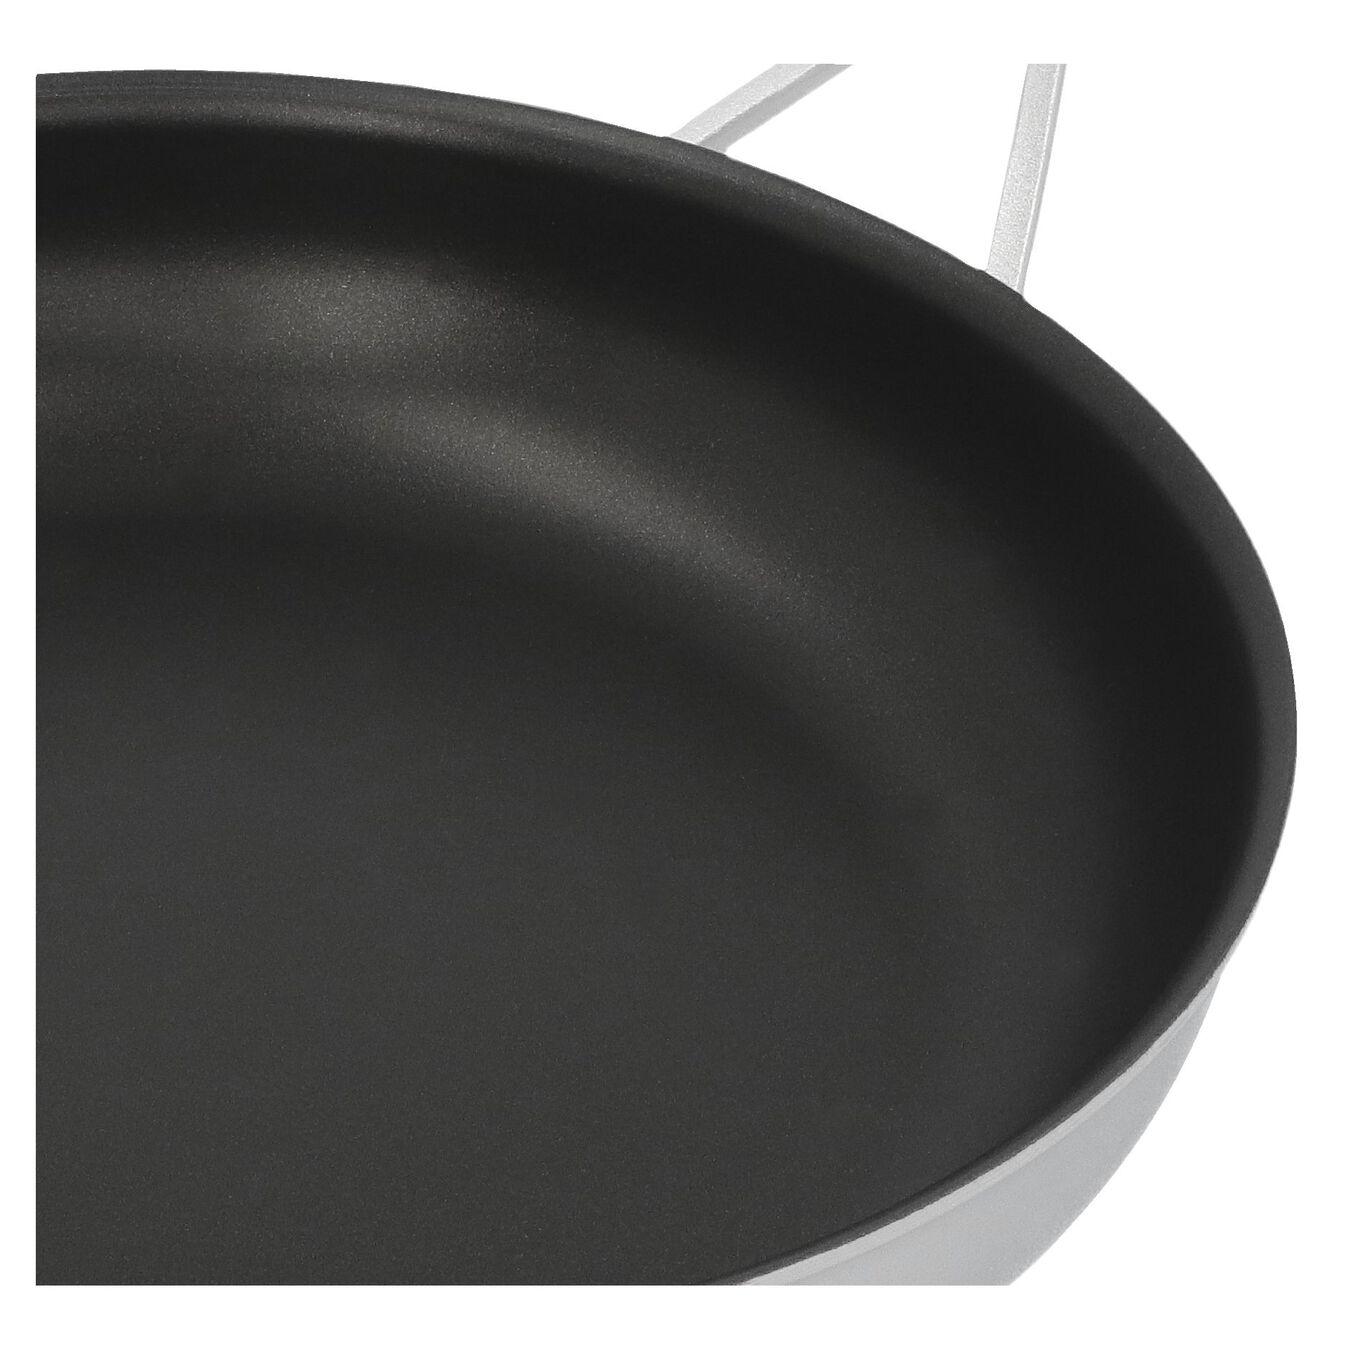 Padella - 28 cm, 18/10 Acciaio inossidabile, Duraslide,,large 3